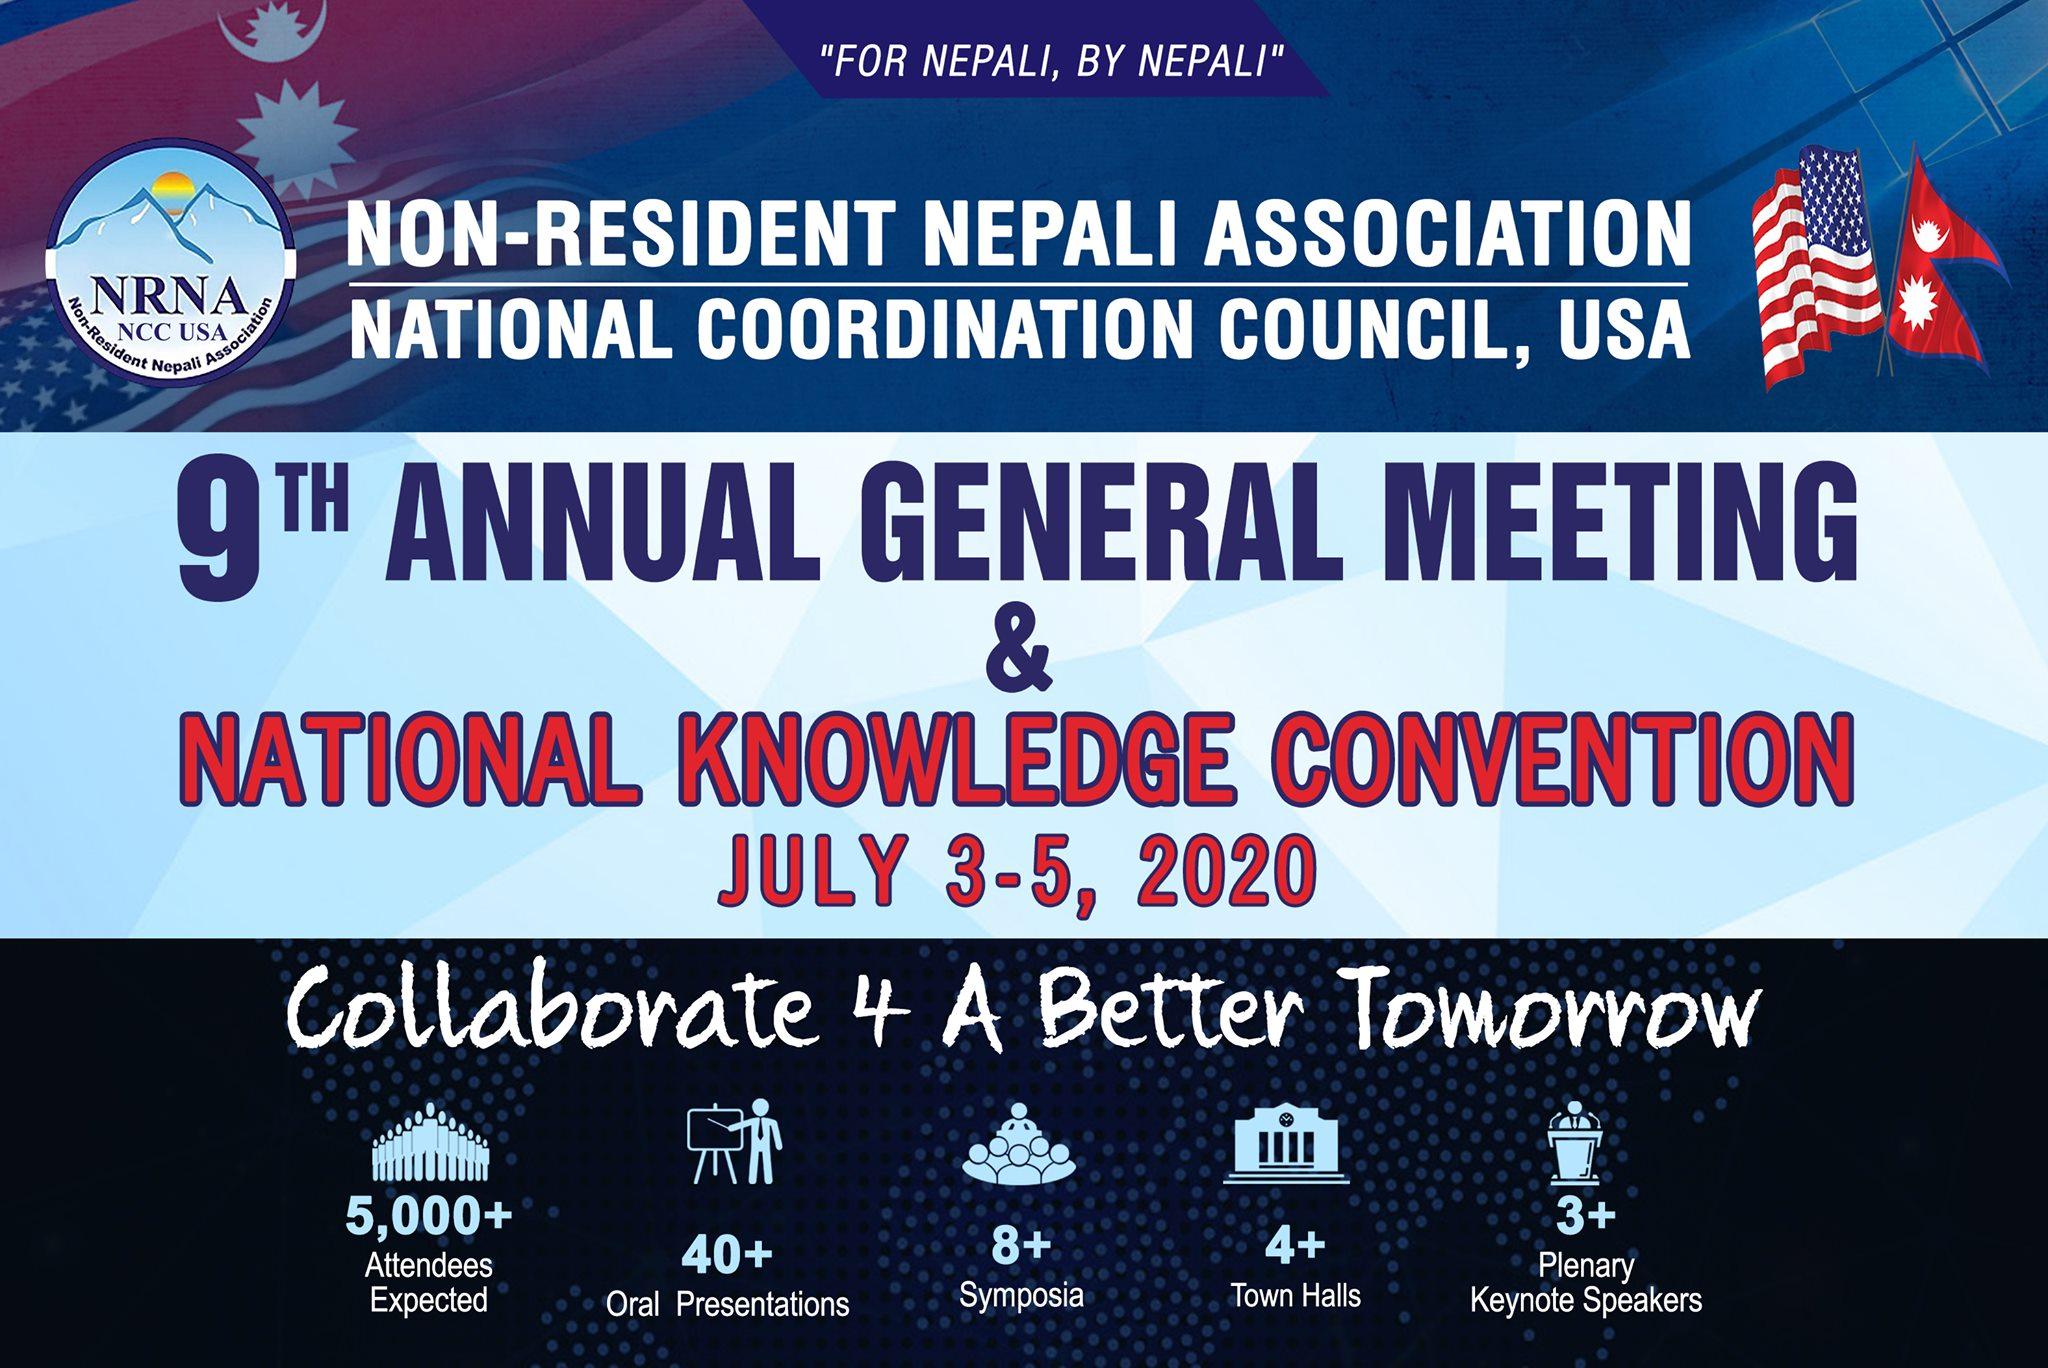 एनआरएनए अमेरिकाको नवौं साधारण सभा तथा राष्ट्रिय ज्ञान सम्मेलनको बारेमा पत्रकार सम्मेलन